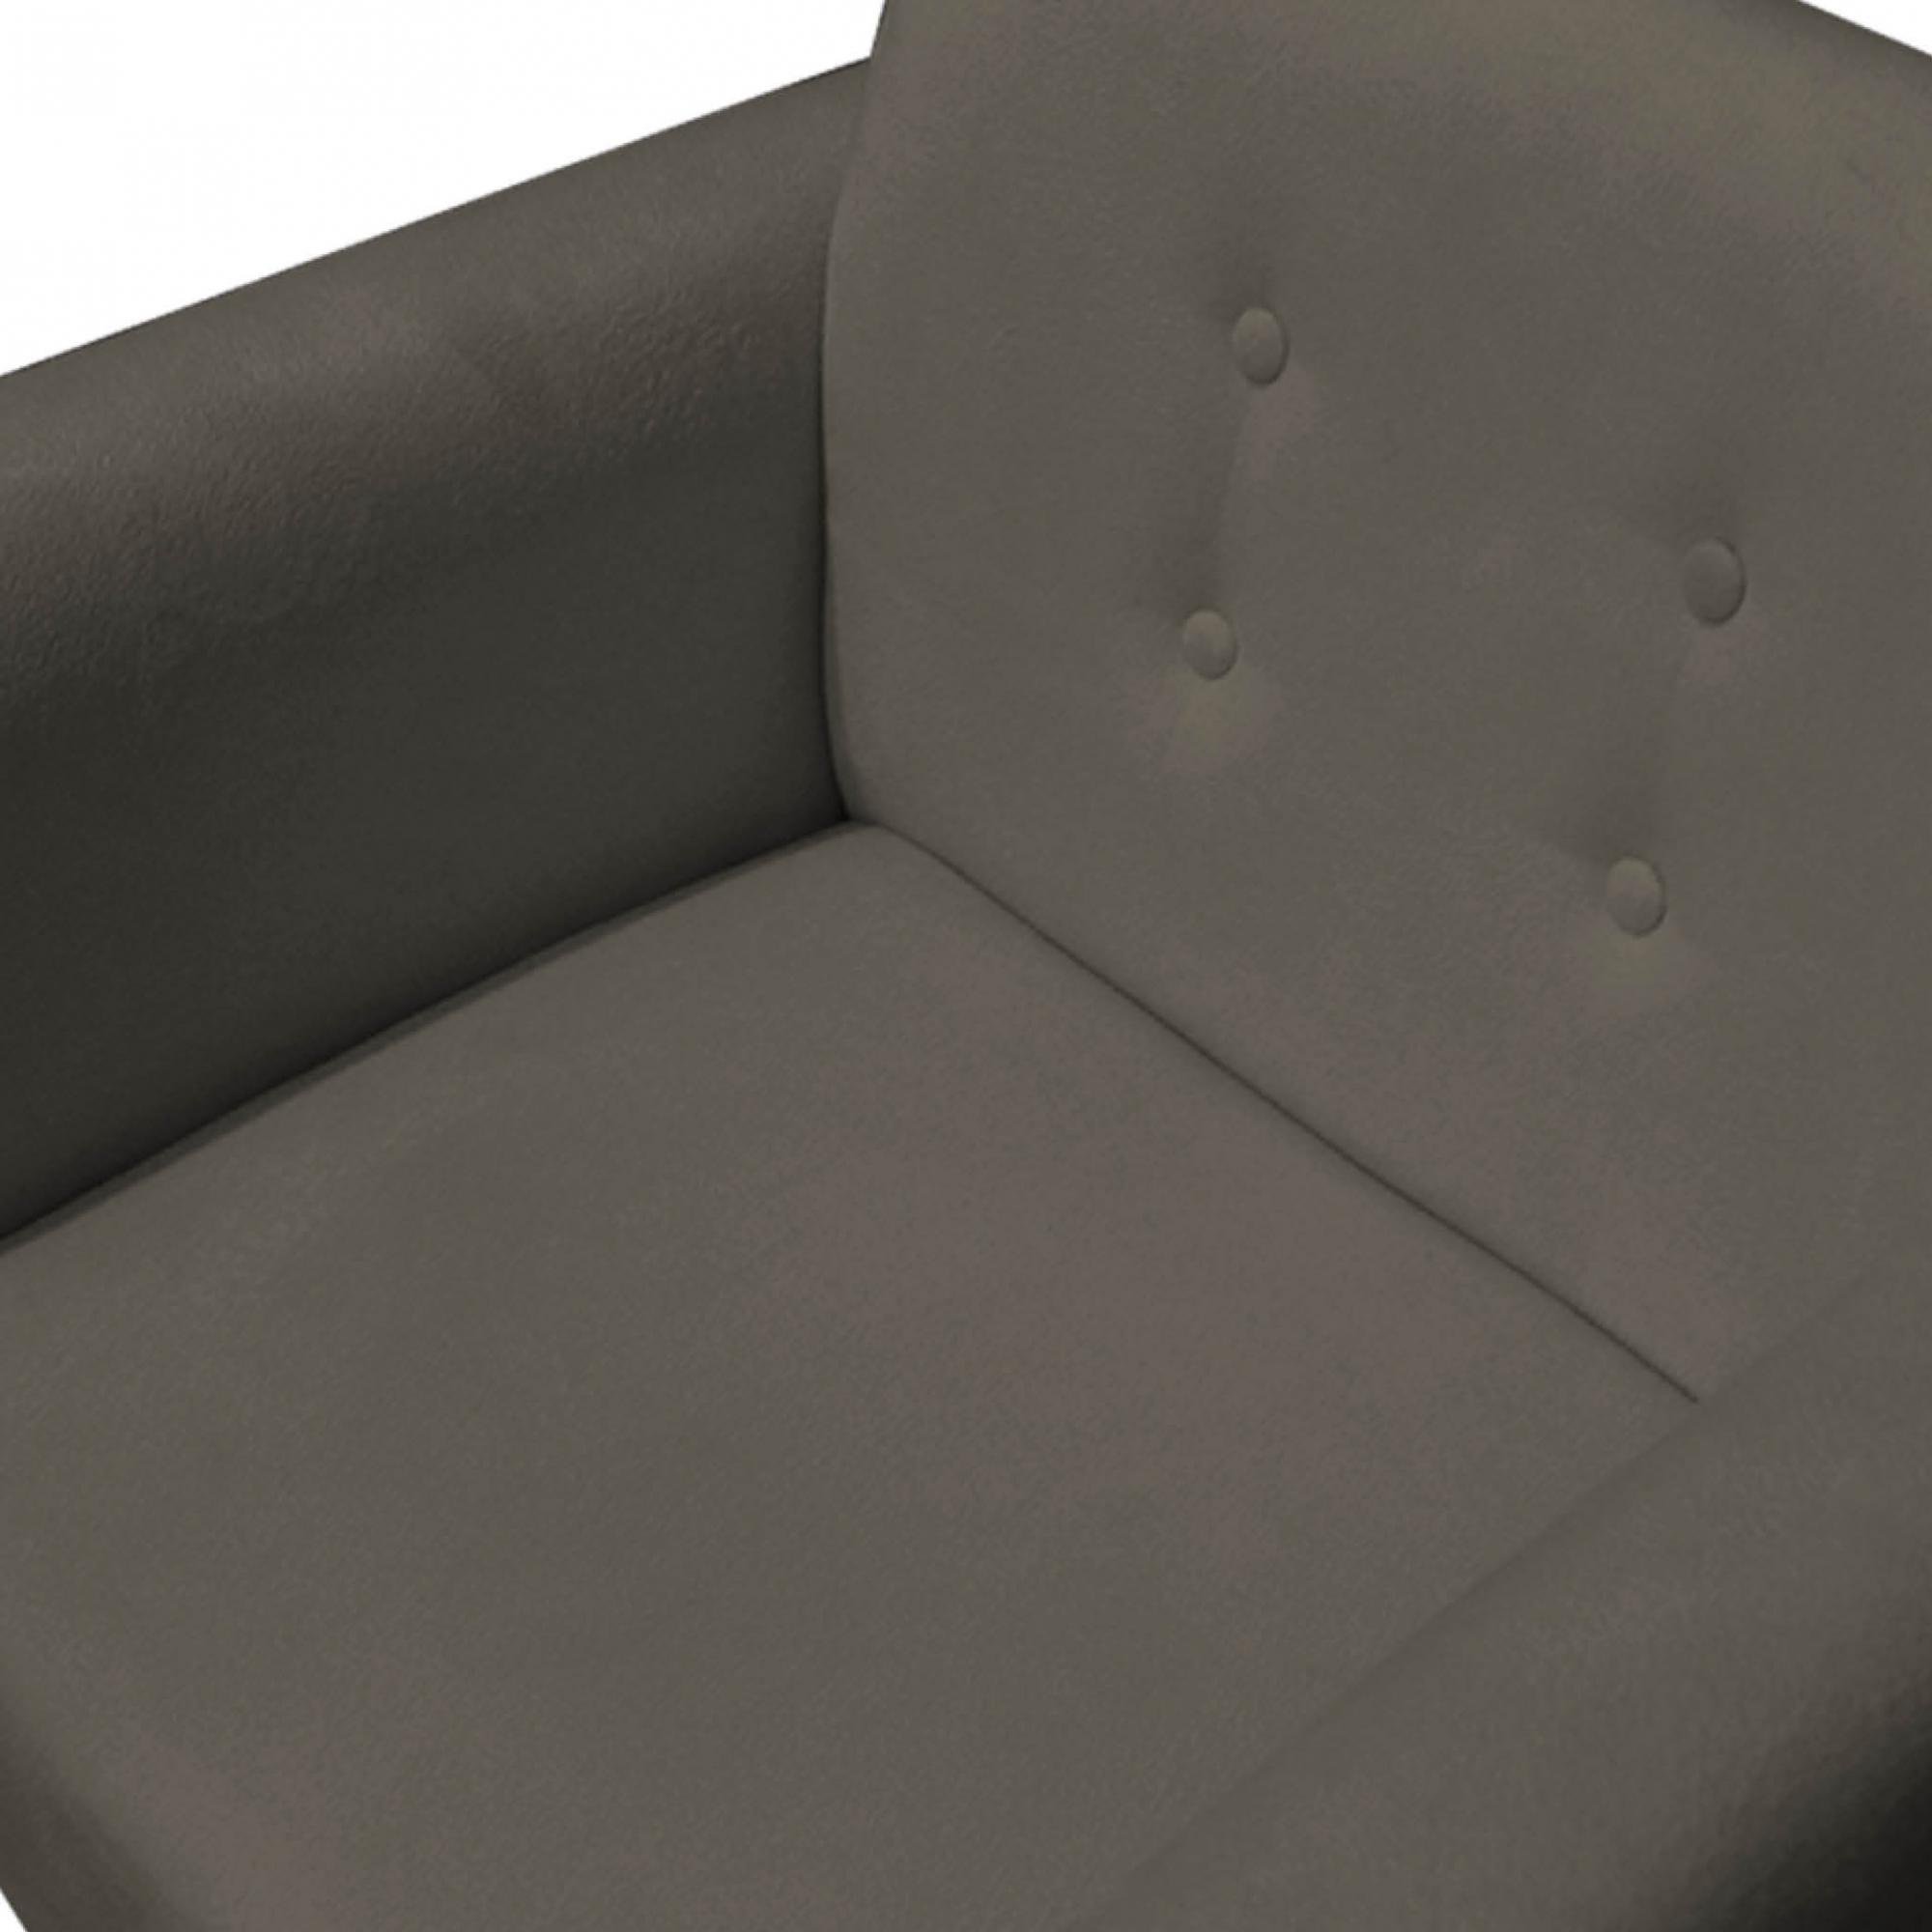 Poltrona Duda Decoraçâo Pé Palito Cadeira Recepção Escritório Clinica D'Classe Decor Suede Marrom Rato